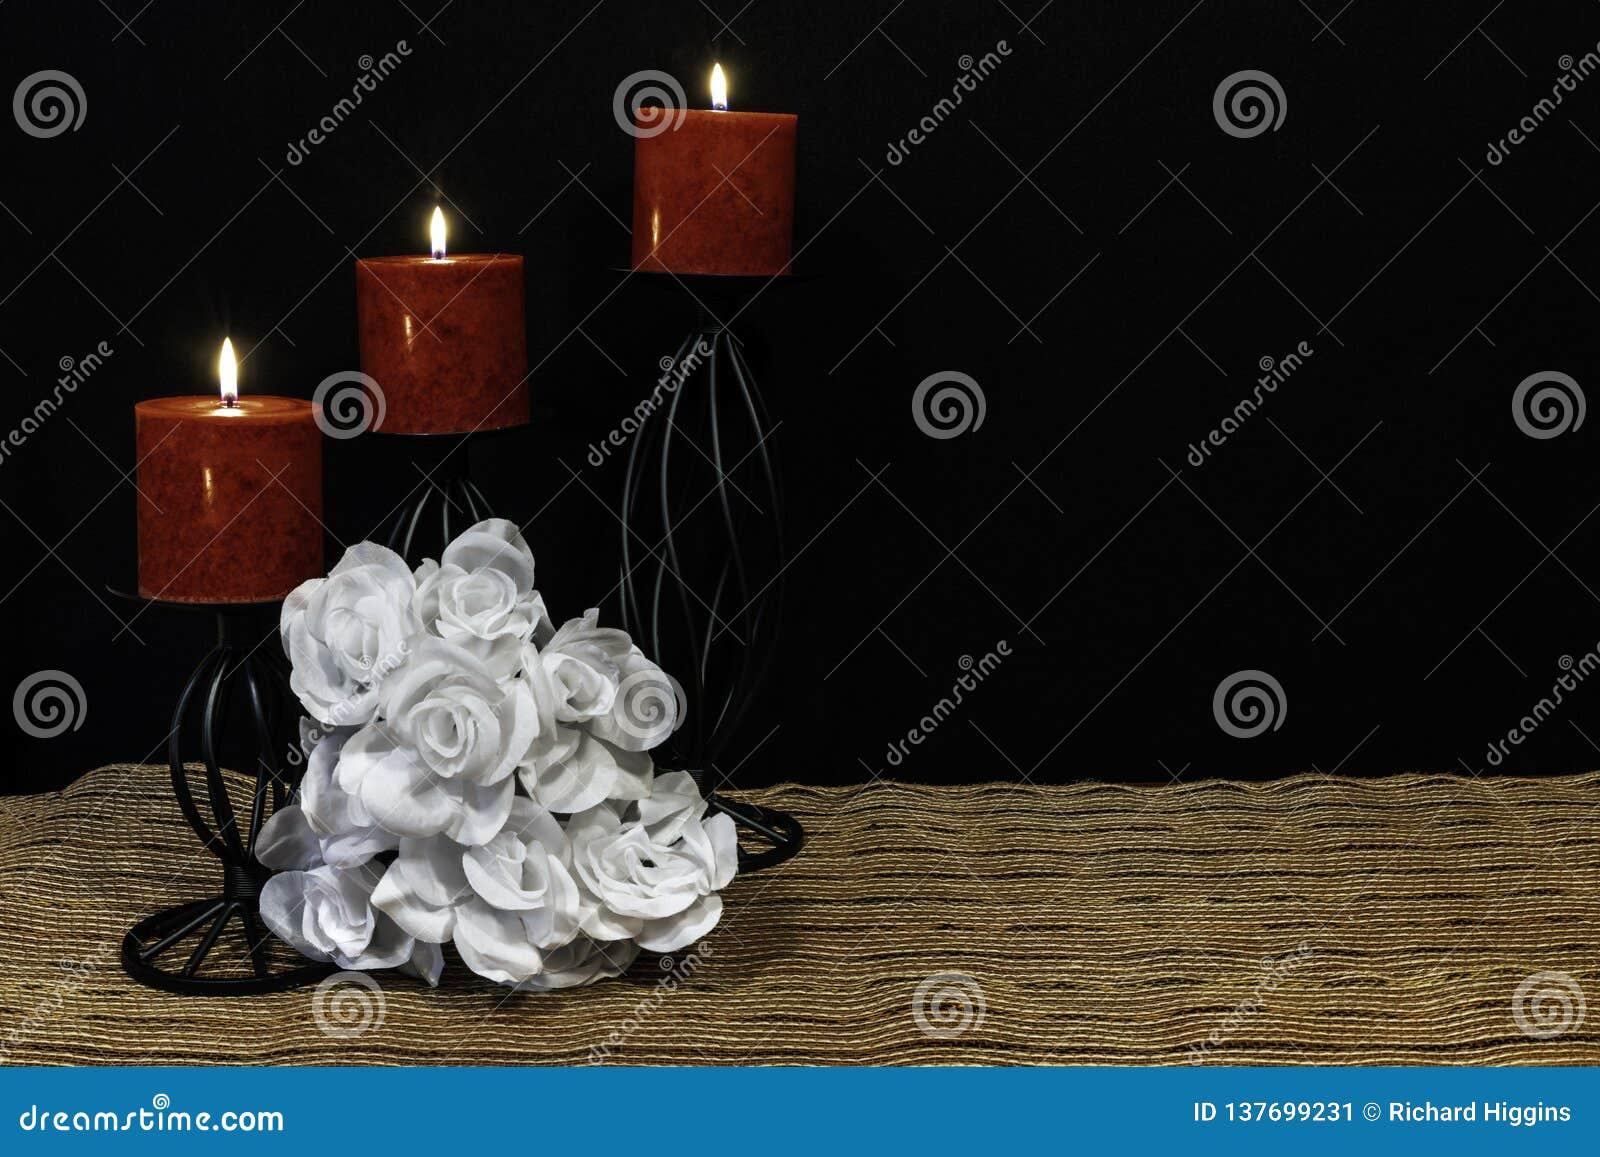 Bello bouquie delle rose bianche, delle candele rosse appollaiate sui supporti di candela neri sulla stuoia di posto della maglia